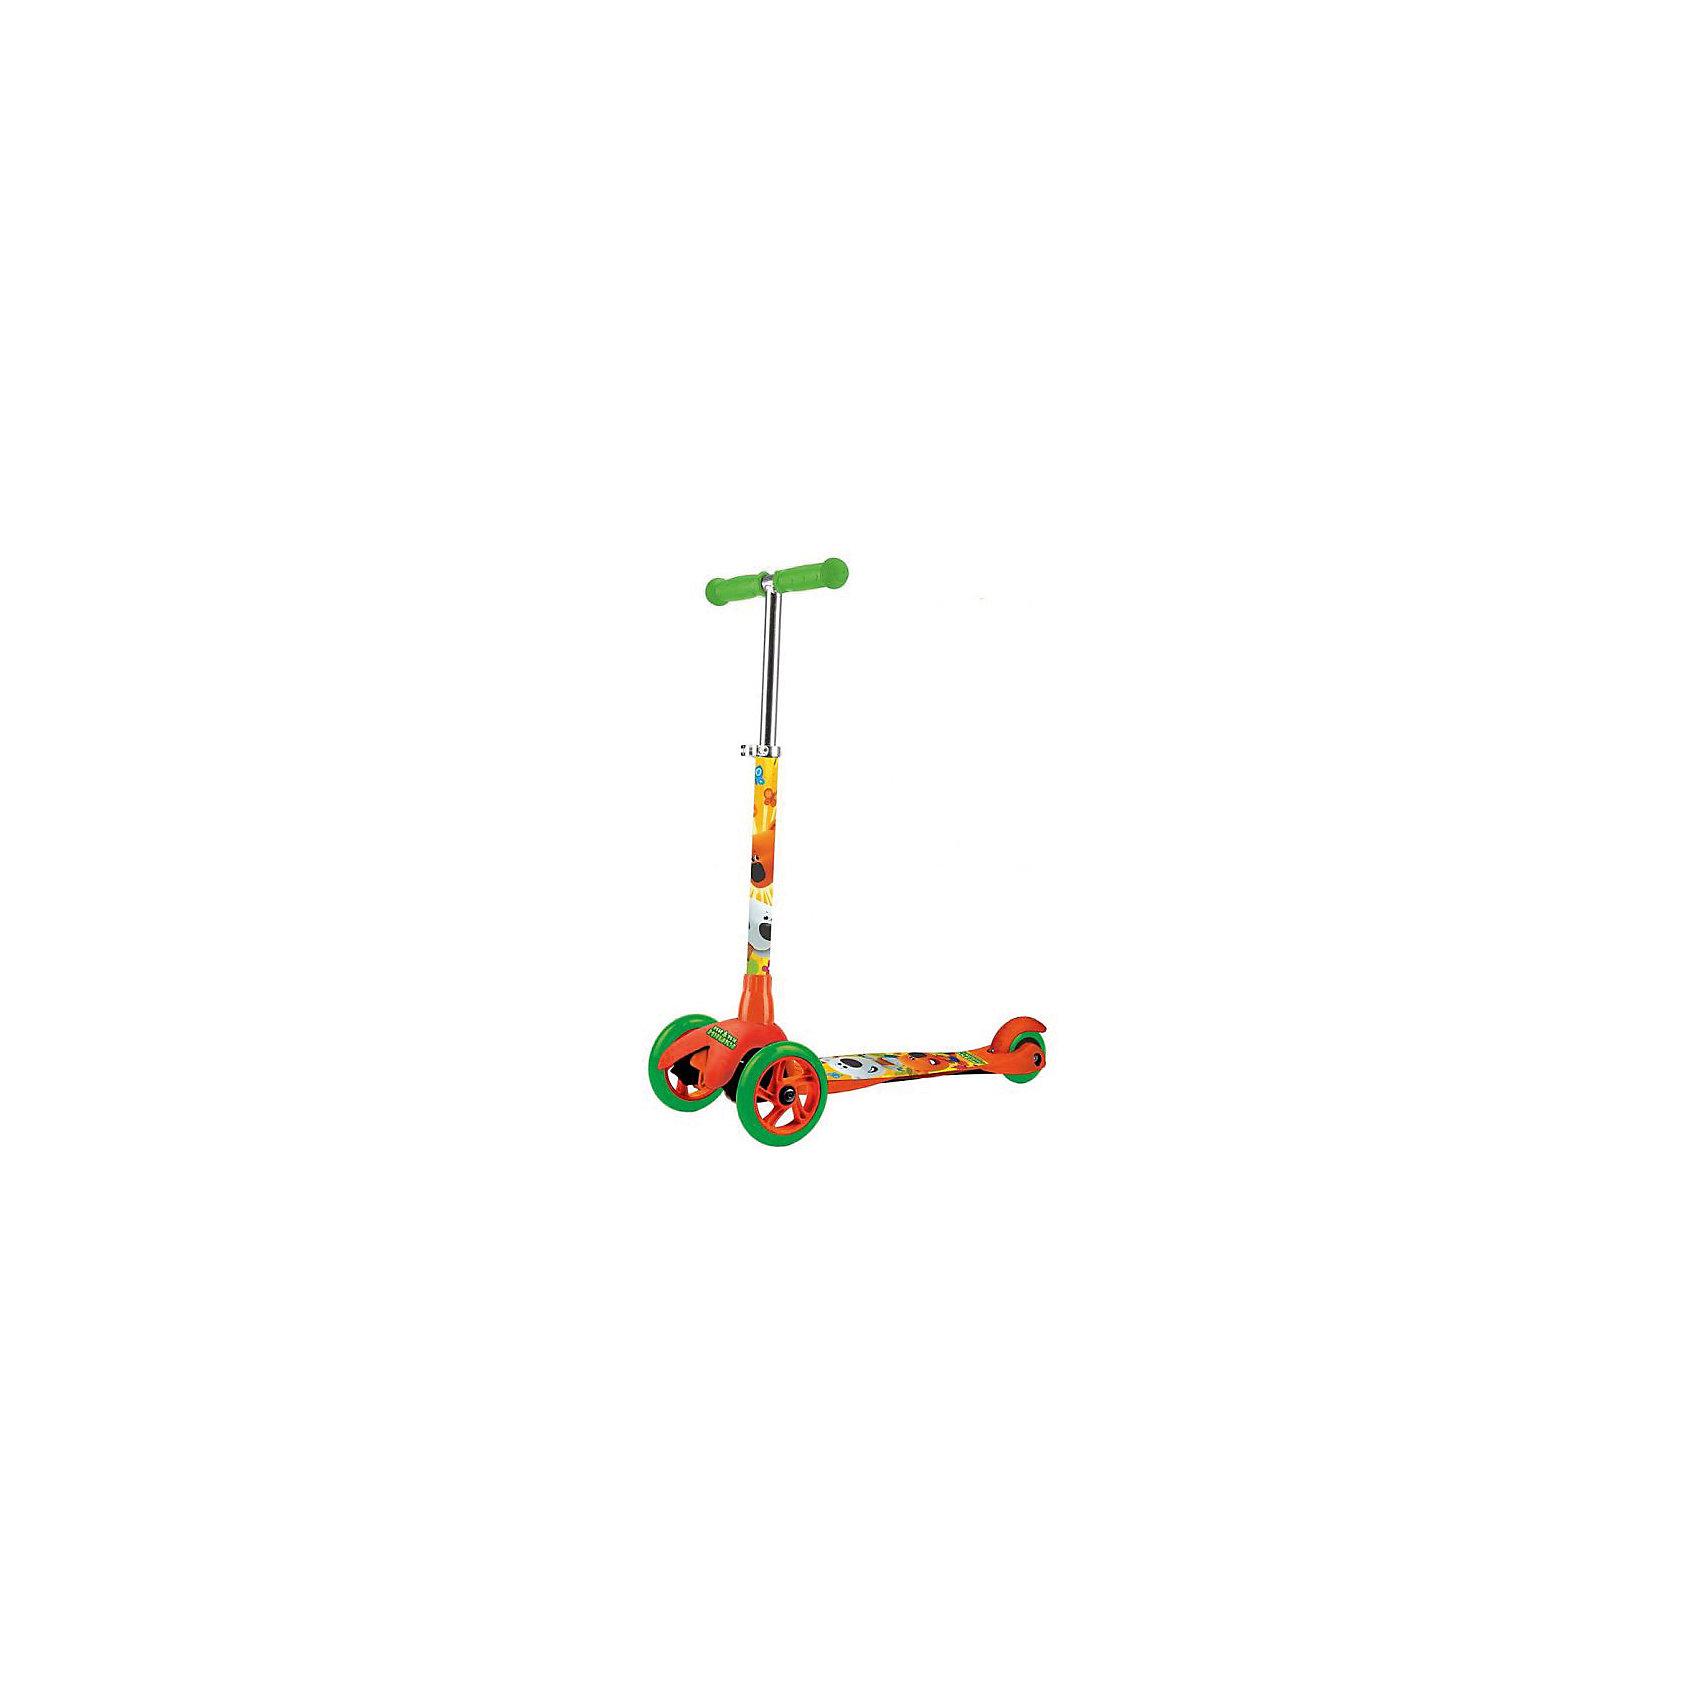 Трехколесный самокат, Ми-Ми Мишки, NextИгрушки<br>Cамокат 3-колесный МиМи Мишки, два колеса впереди- высококачественные полиуретановые (pu) колеса: передние 120 мм (2), заднее 80 мм, - усиленная платформа противоскользящей поверхностью,- материалы: алюминий, полипропилен,- платформа 38 х 11 см,- руль регулируется по высоте (3 положения),- высокоточные подшипники abec-7,- безопасный задний тормоз,- удобные резиновые рукоятки,- максимальная нагрузка: 25 кг.<br><br>Ширина мм: 540<br>Глубина мм: 740<br>Высота мм: 260<br>Вес г: 2300<br>Возраст от месяцев: 24<br>Возраст до месяцев: 72<br>Пол: Унисекс<br>Возраст: Детский<br>SKU: 5530220